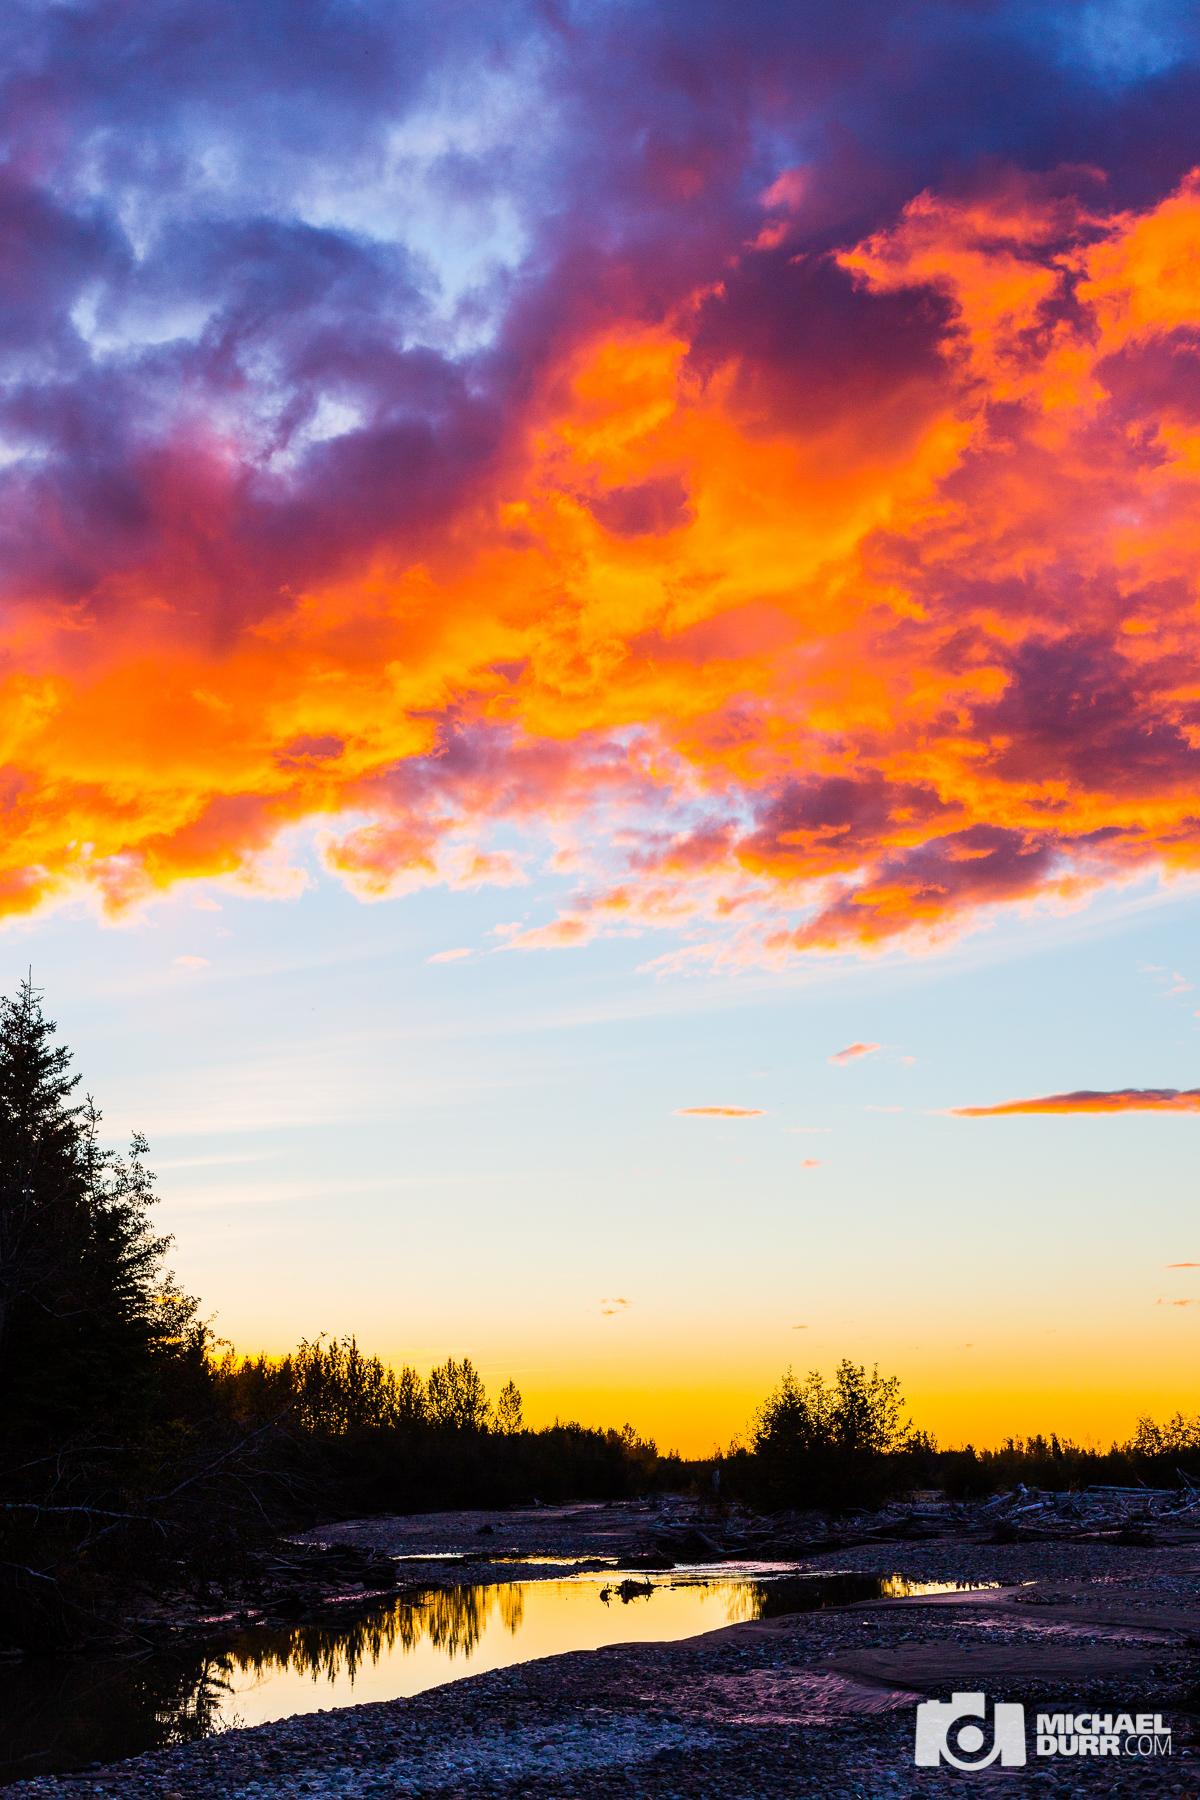 Alaska_MD_0323.jpg